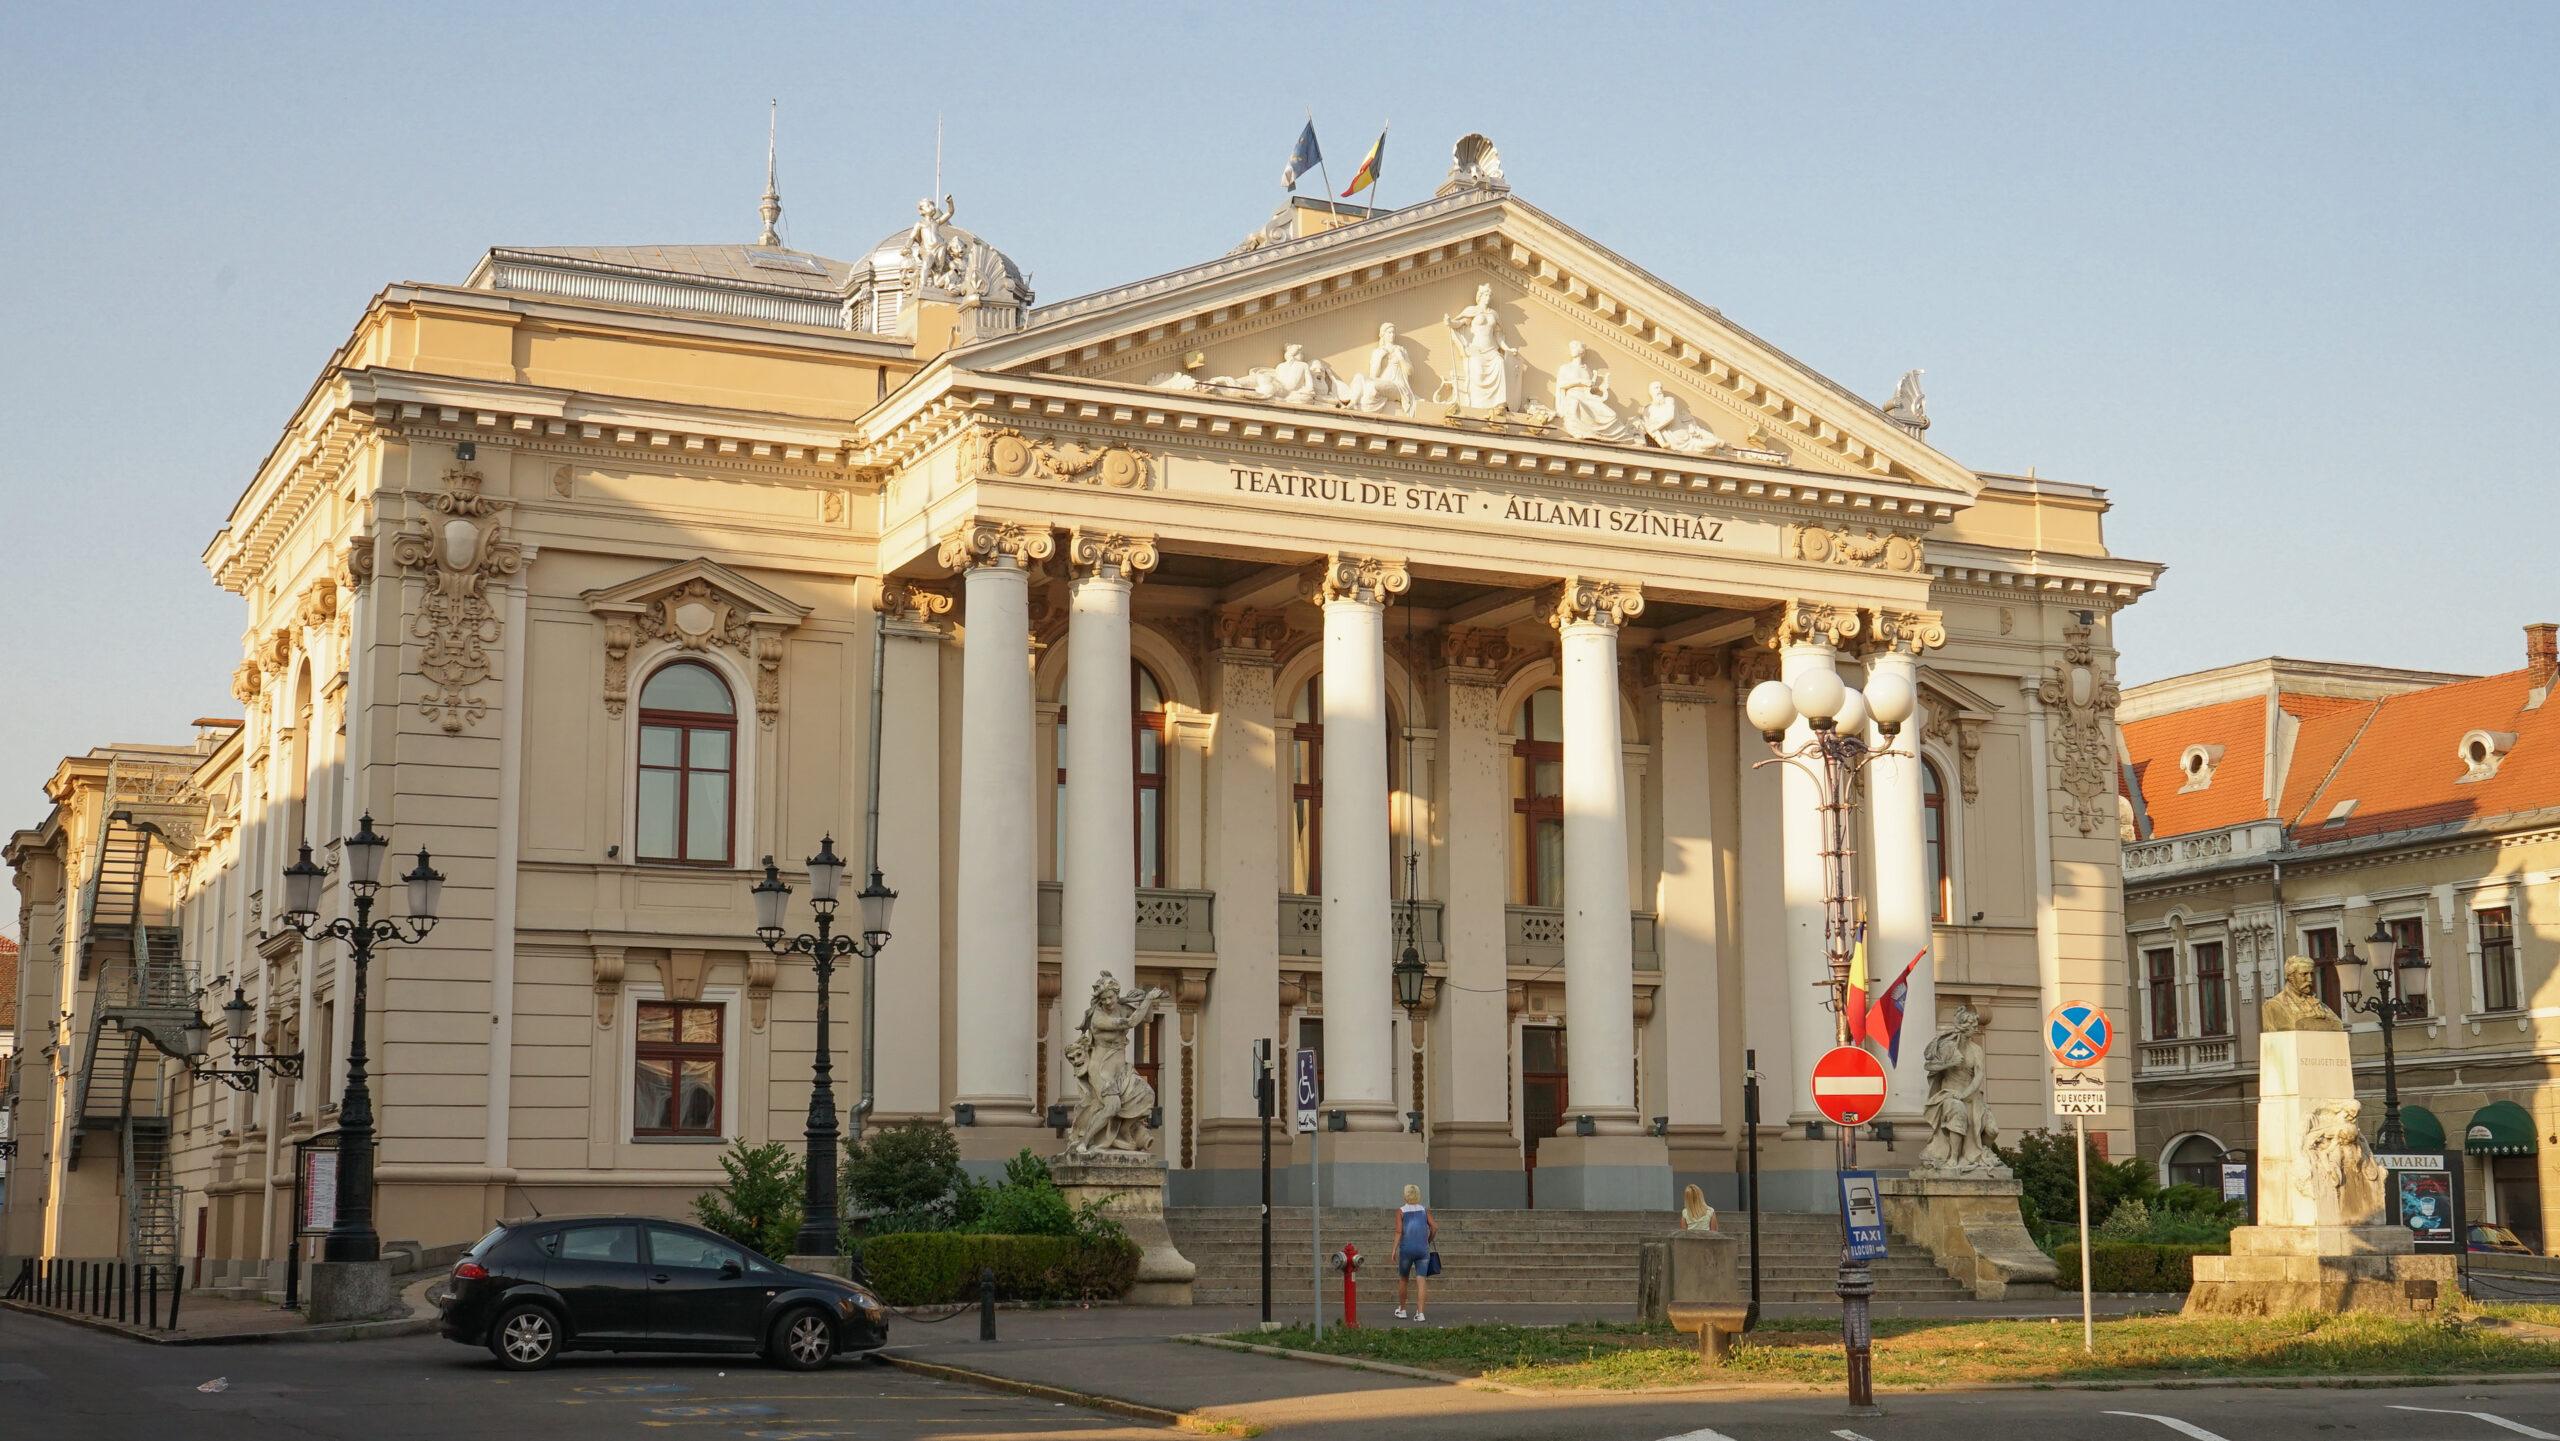 Rezultatul evaluării finale a managementului de la Teatrul Regina Maria